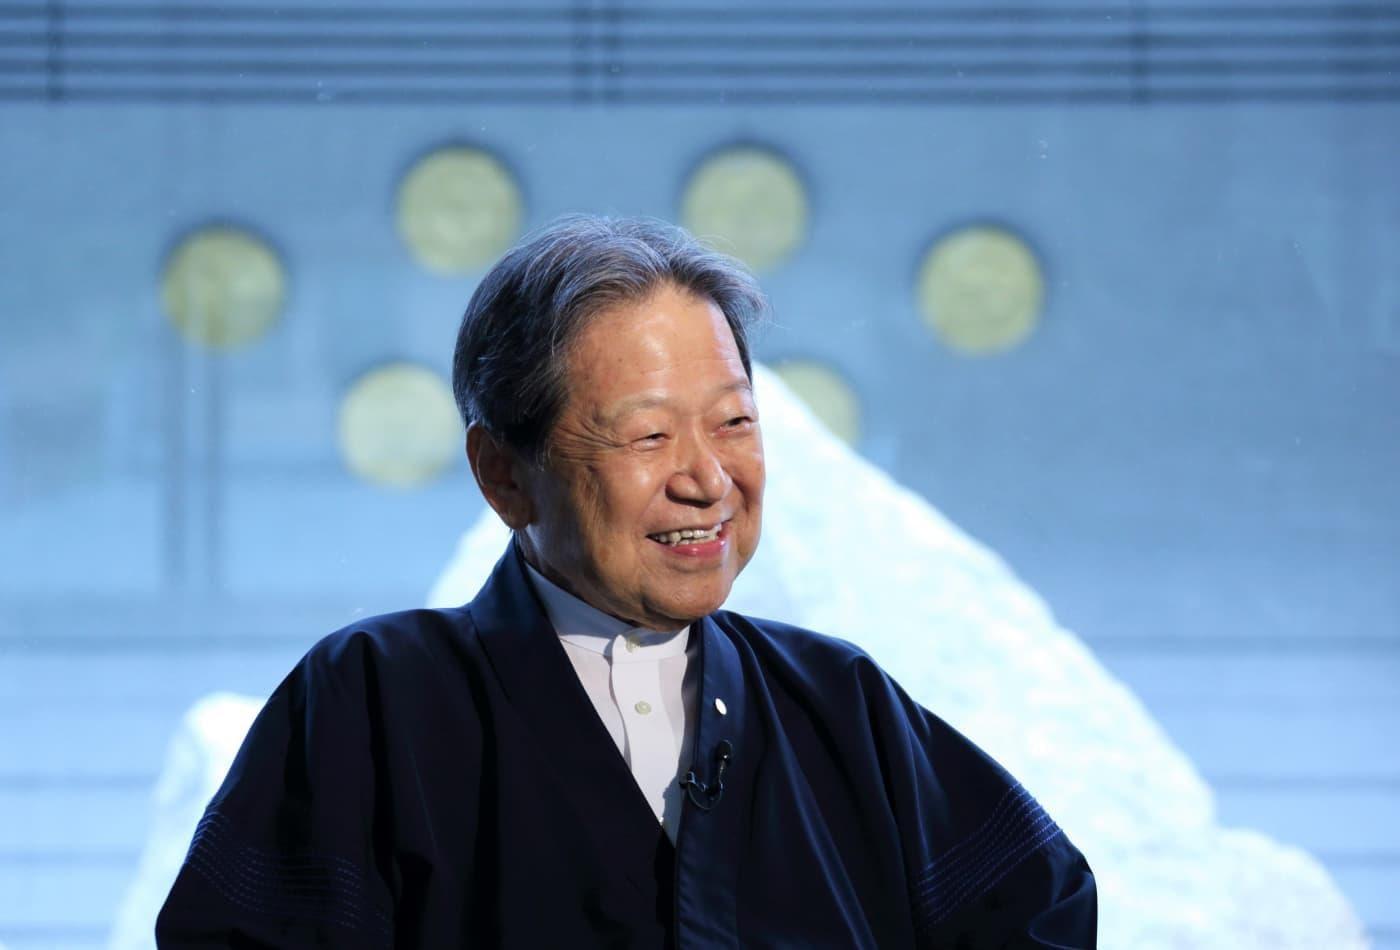 Nhà đầu tư được mệnh danh là 'Warren Buffett của Nhật Bản': Bí quyết để thành công, giàu có và hạnh phúc trong cuộc sống chỉ gói gọn trong 1 từ này - Ảnh 1.